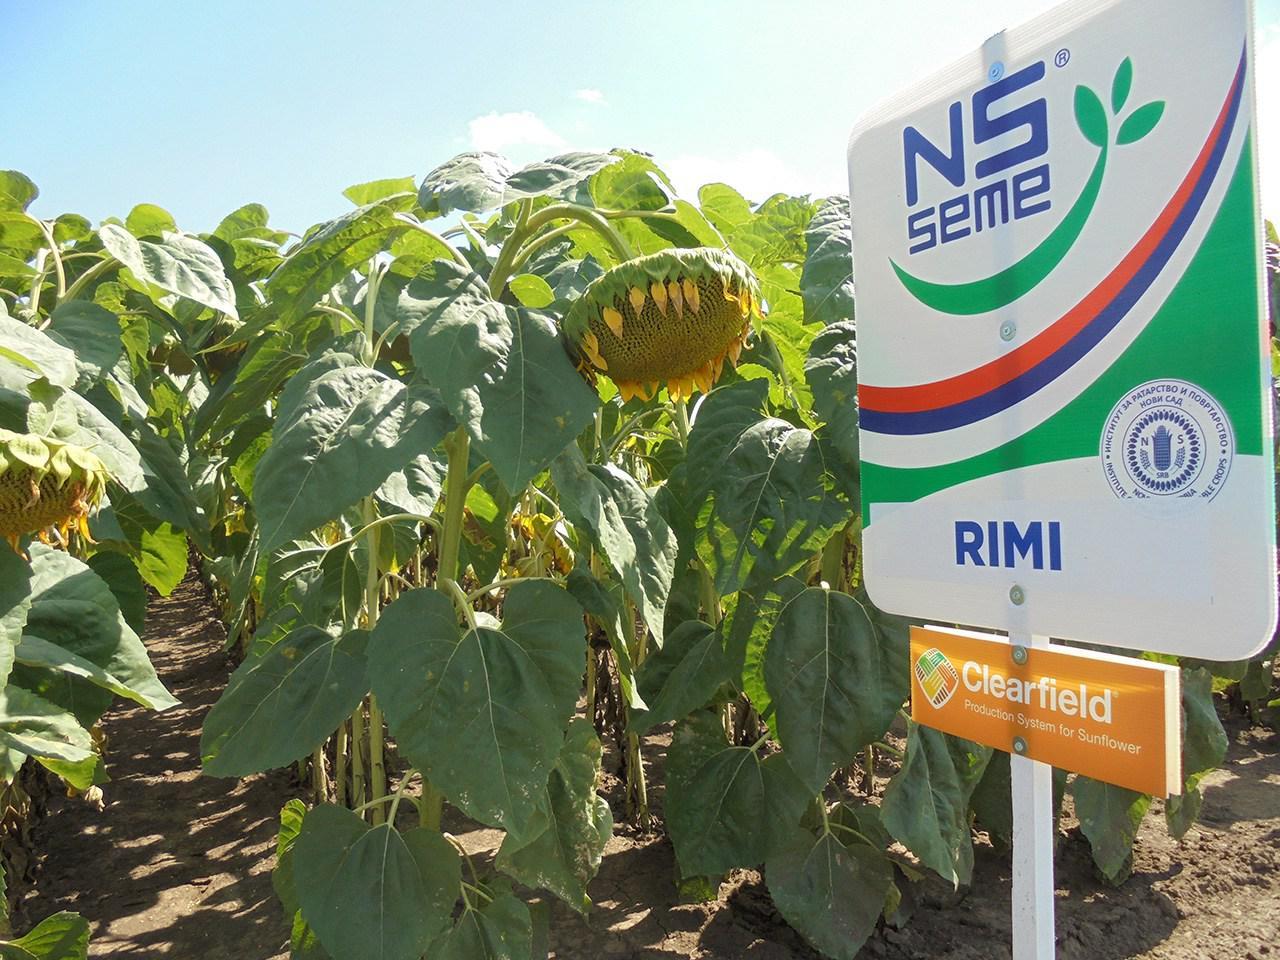 Семена подсолнечника Рими стандарт Clearfield (Евро-Лайтнингу); п. в. 112 дн. высокоурожайный, 150000 сем.